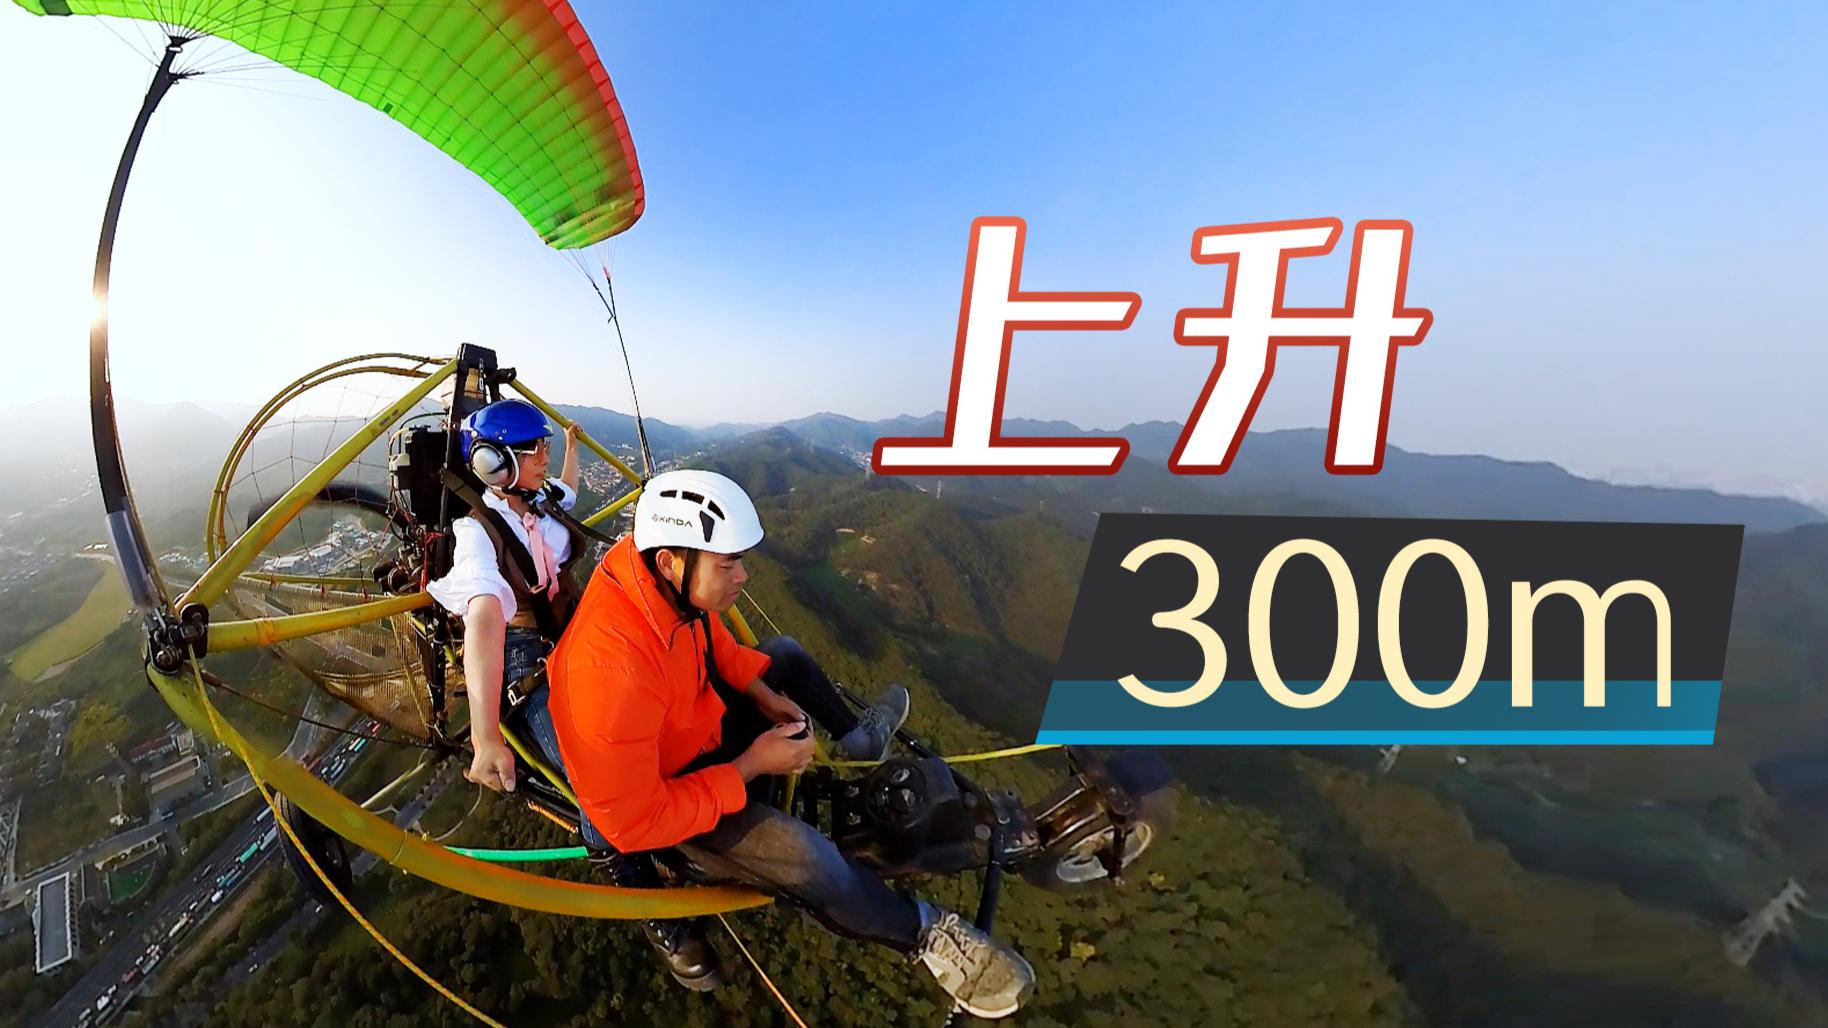 杭州城区超稳升空300米,真兜风鼻涕一泻千里了,这就是滑翔伞吗?爱了爱了